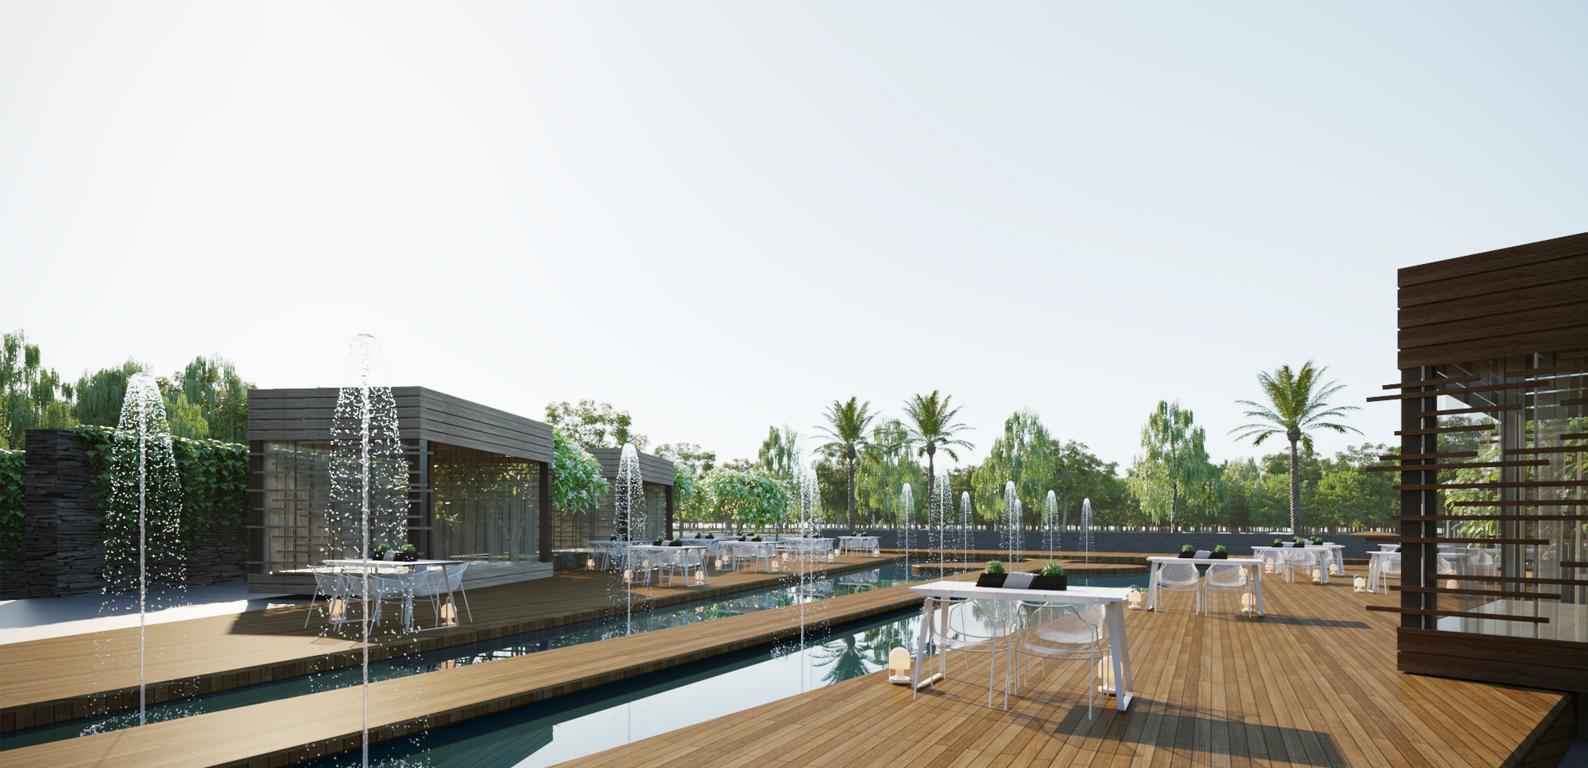 thiết kế Resort tại Khánh Hòa Resort Quốc Bảo 11 1531359423